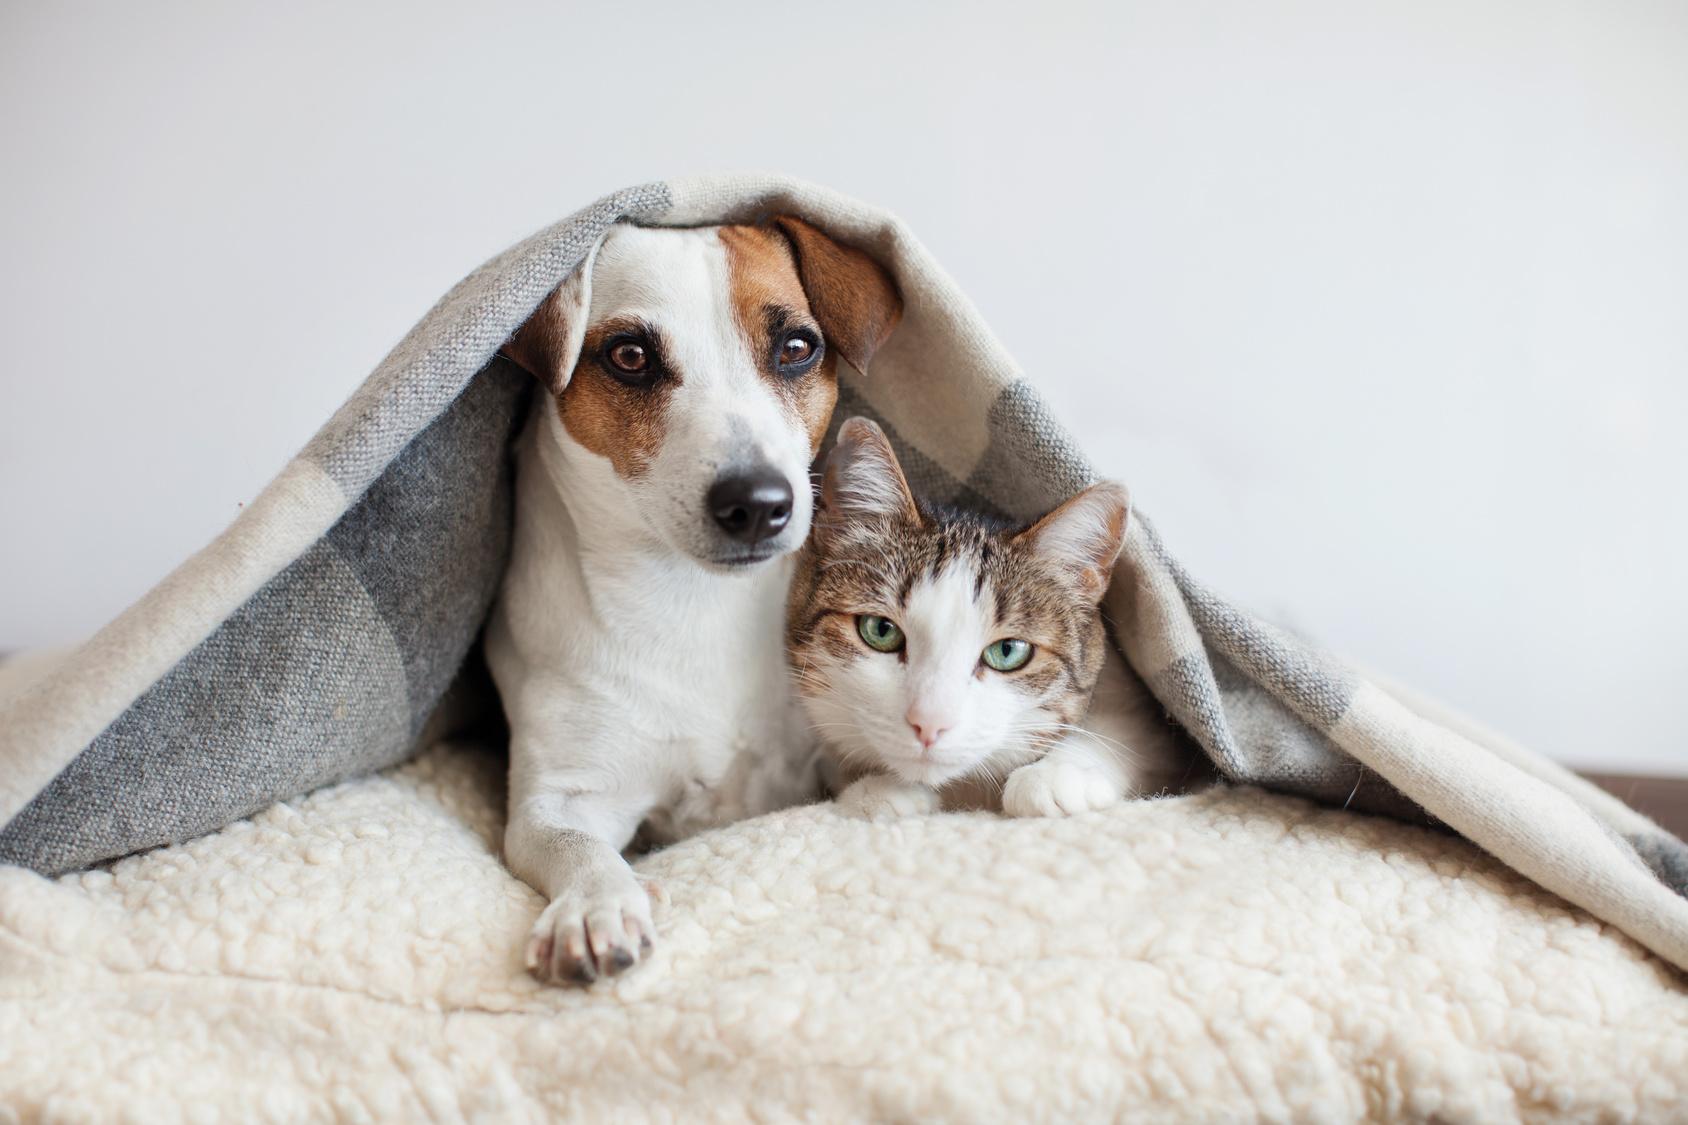 mascotas parásitos internos